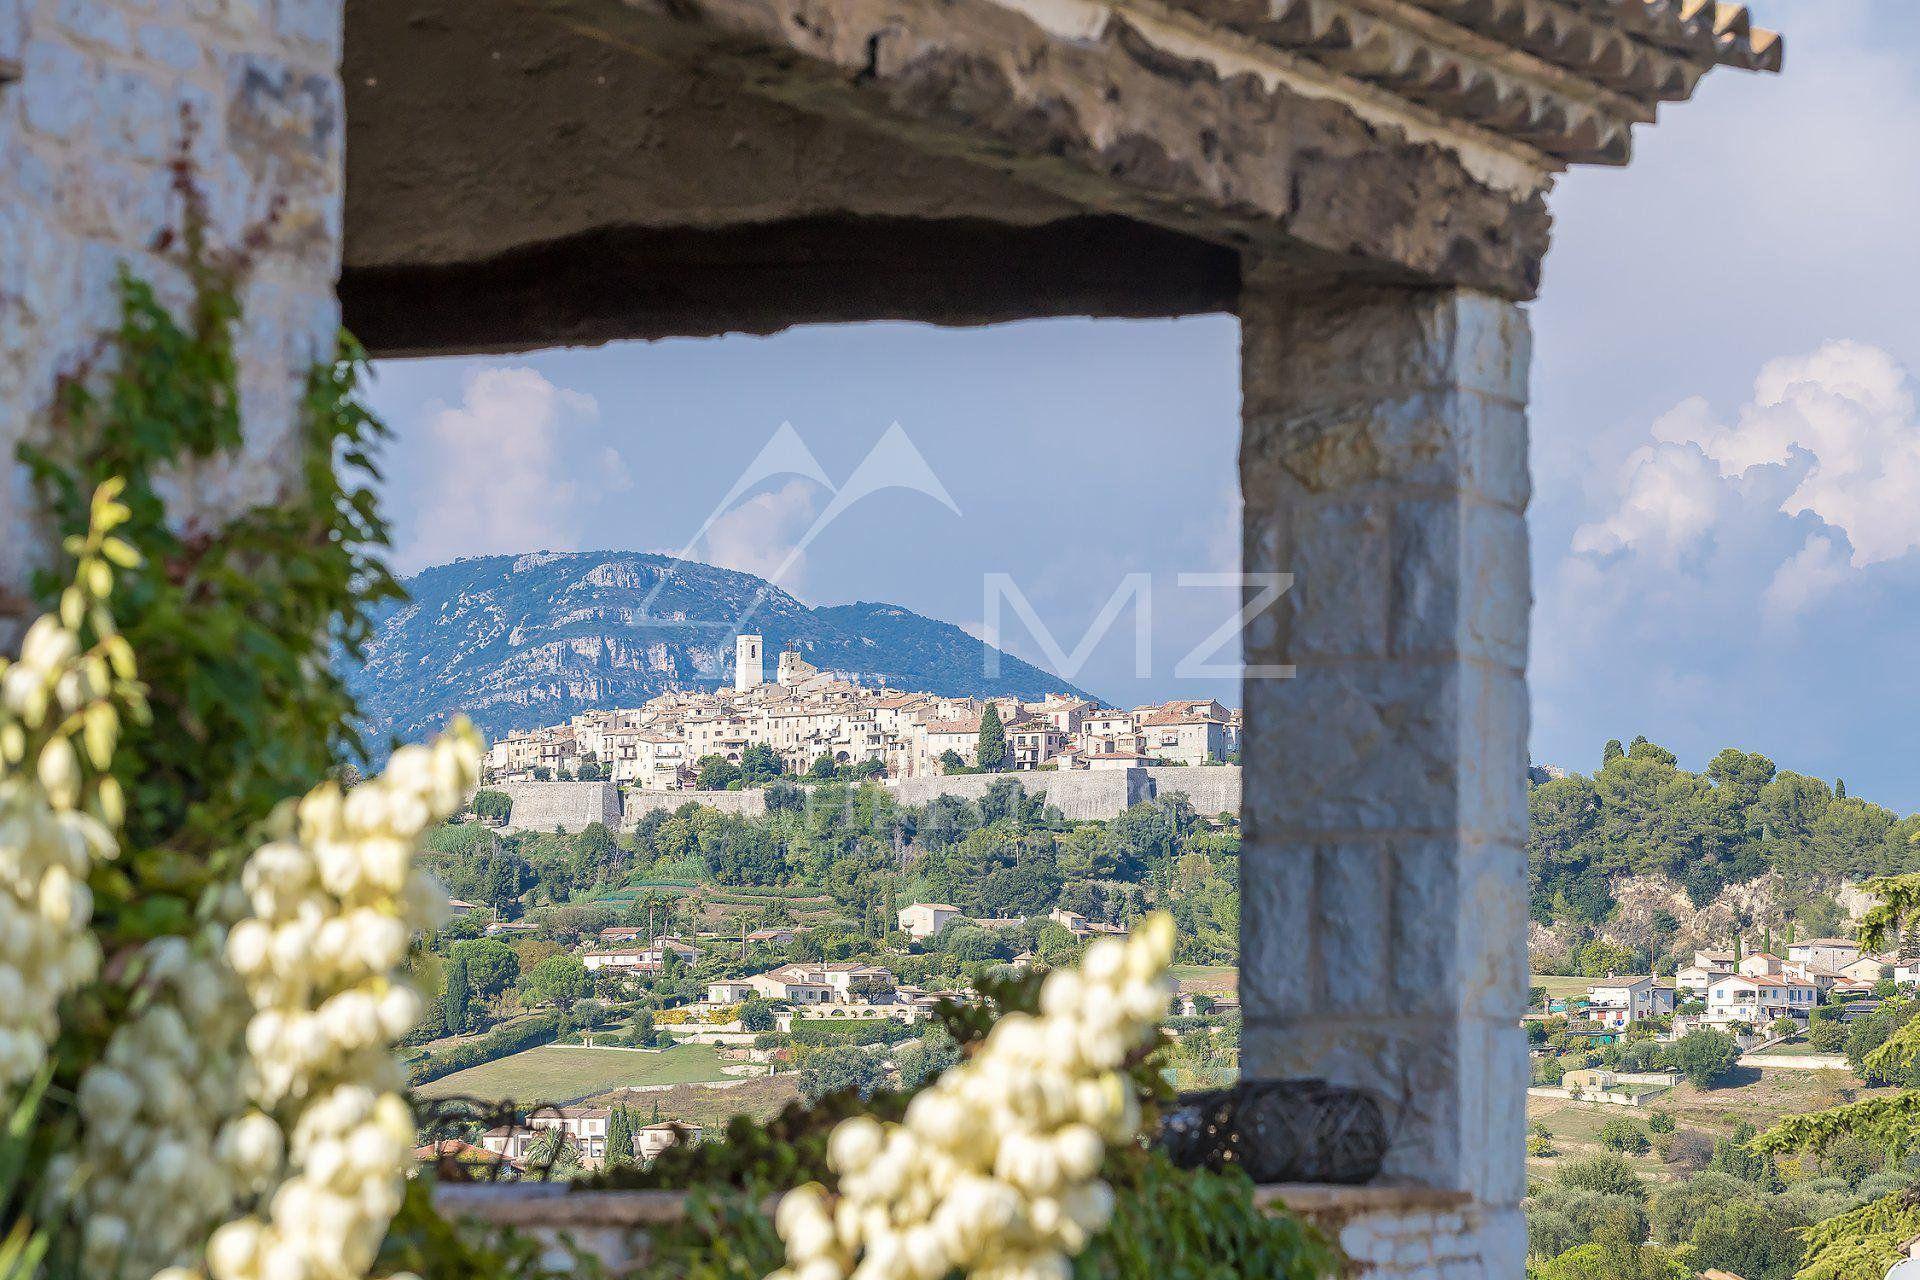 Close to Saint-Paul de Vence - Charming provencal style Villa